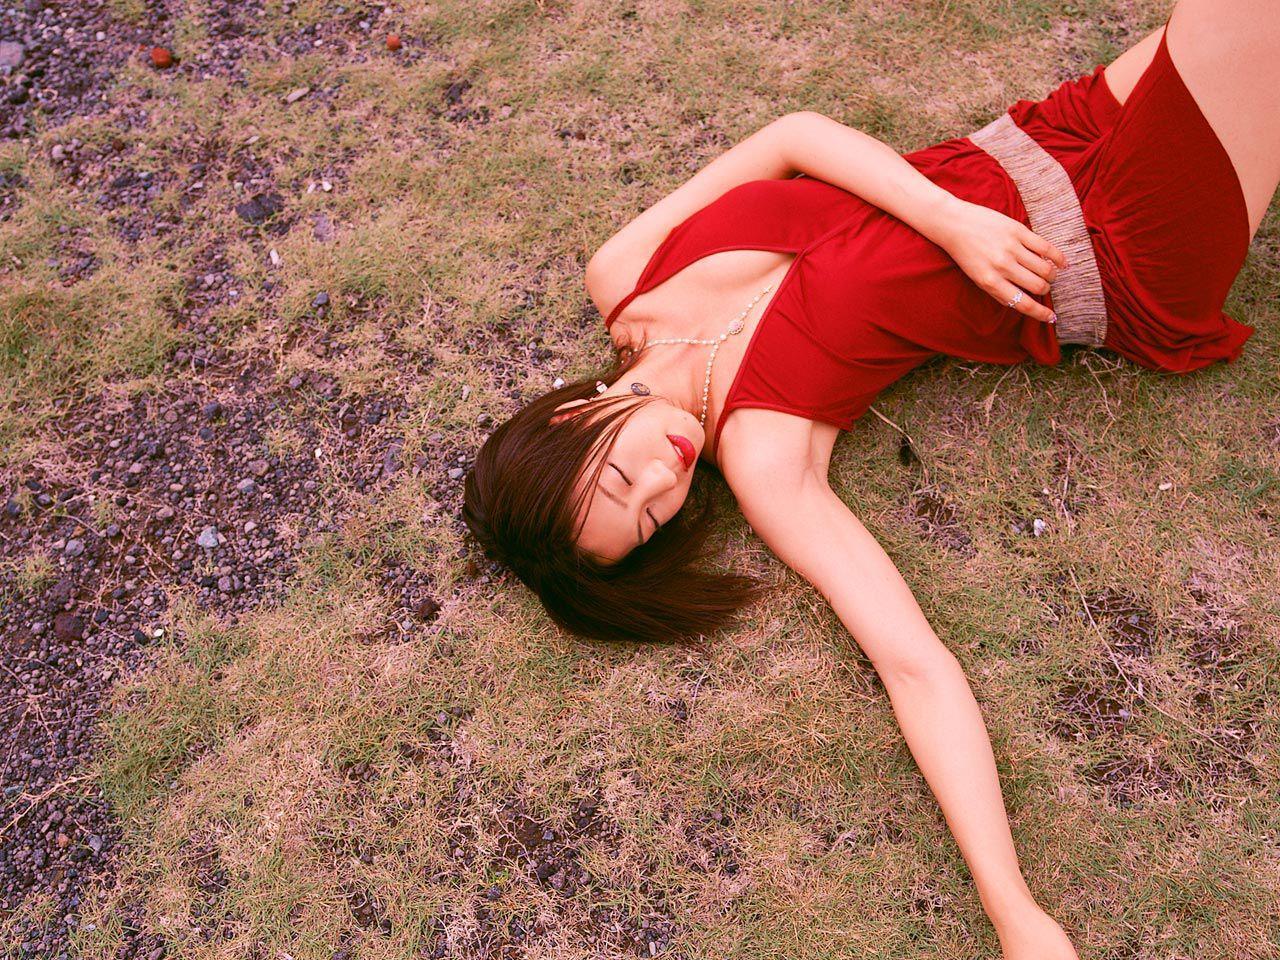 安田美沙子 画像 91